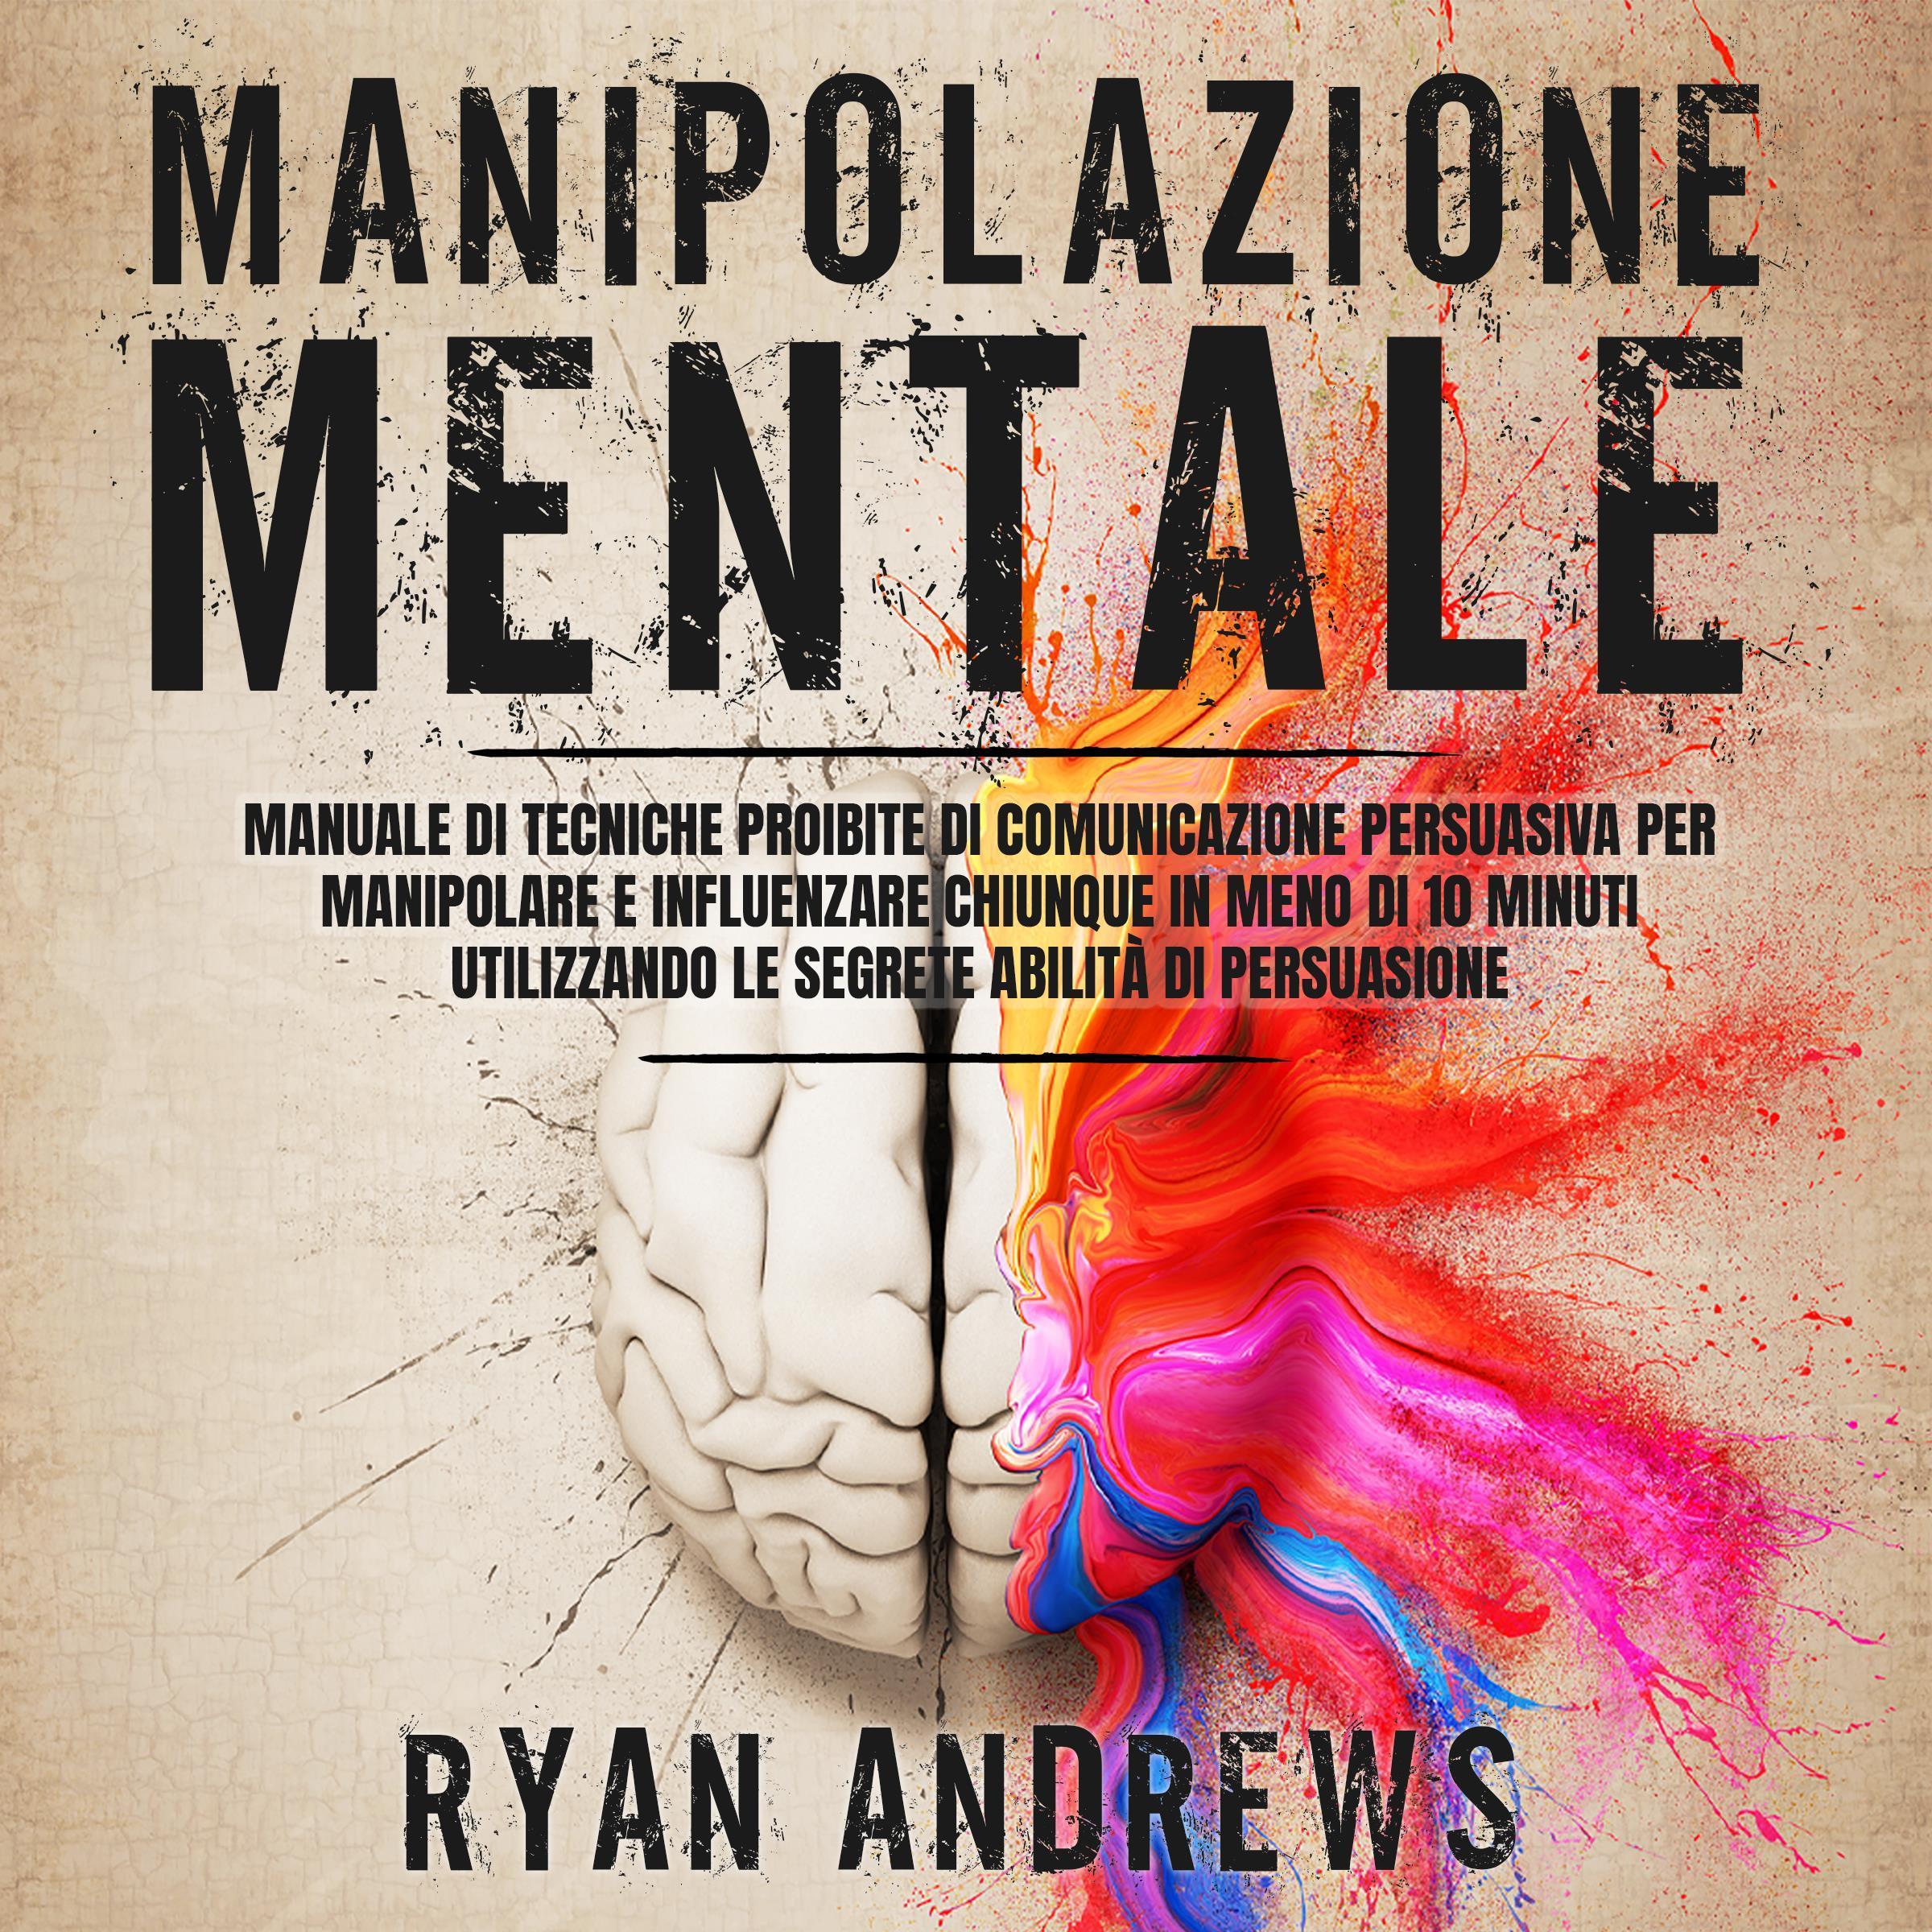 Manipolazione Mentale